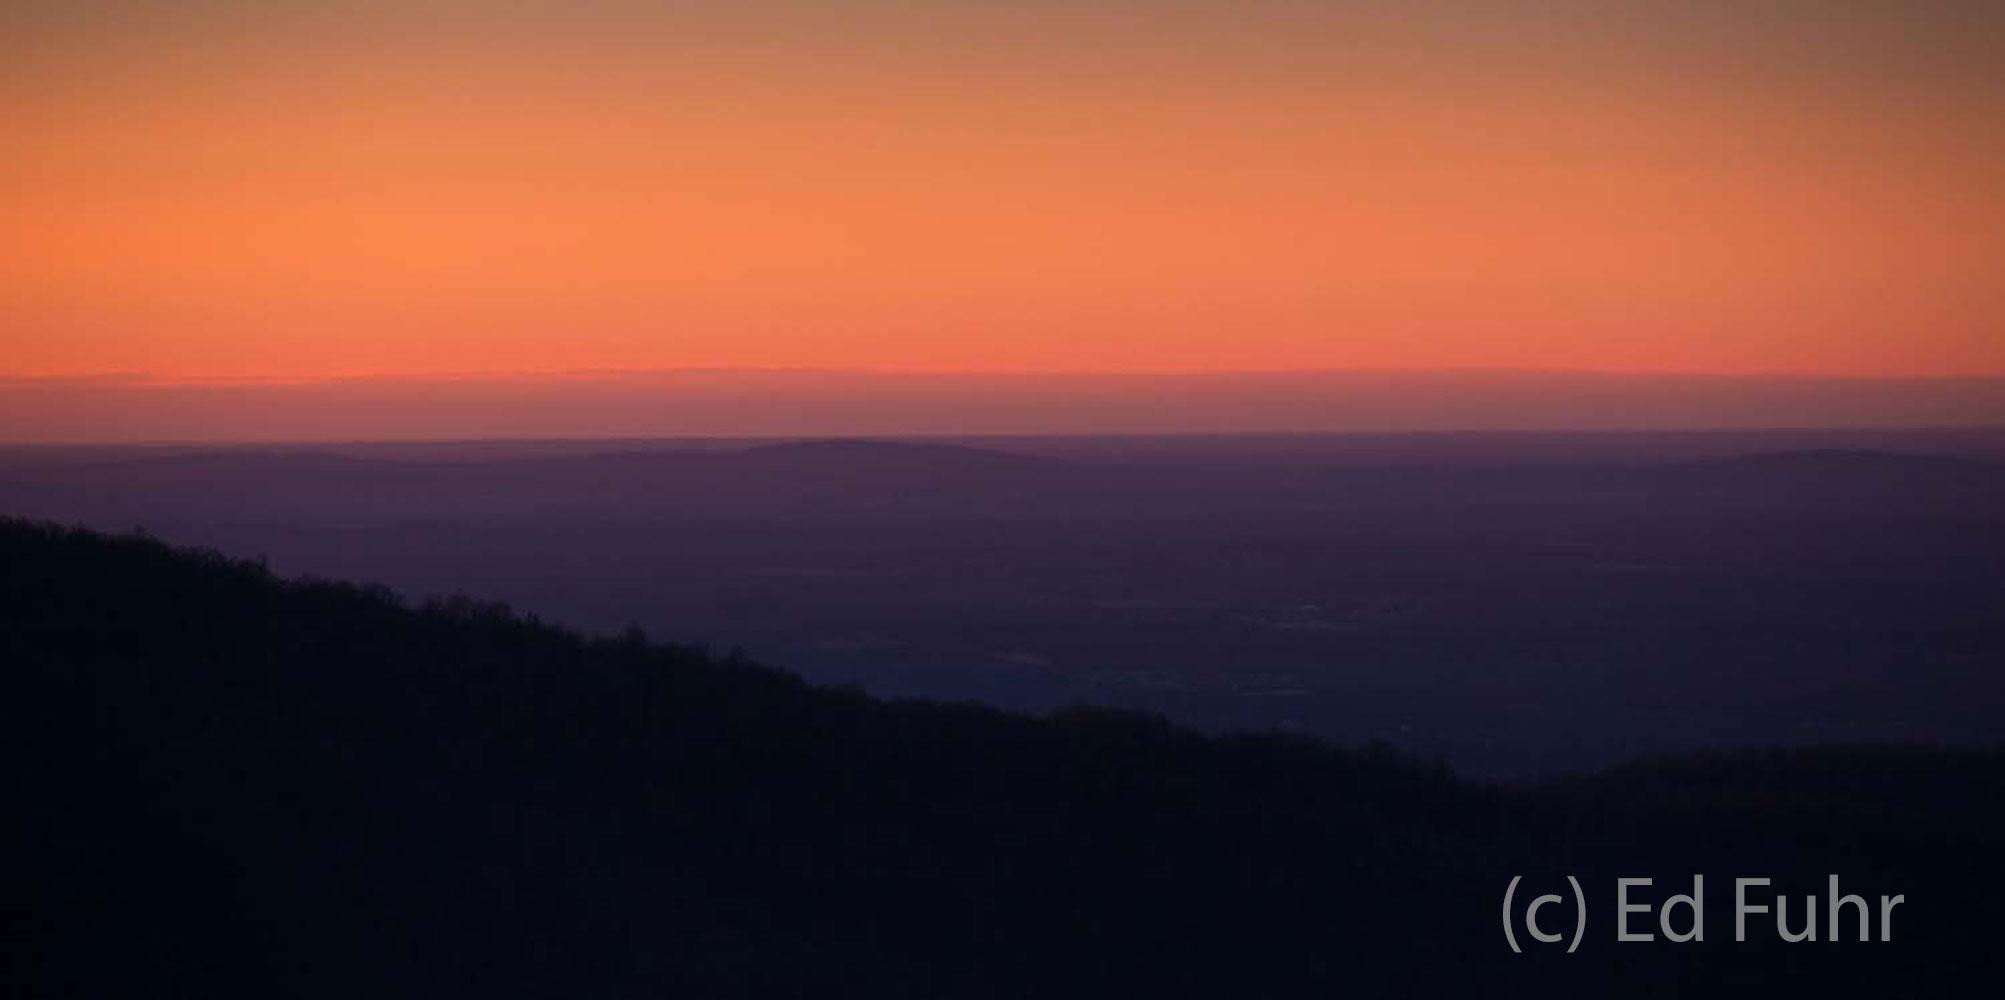 Shenandoah, Shenandoah National Park, photo, photography, images, mountains, wilderness, Virginia, photo